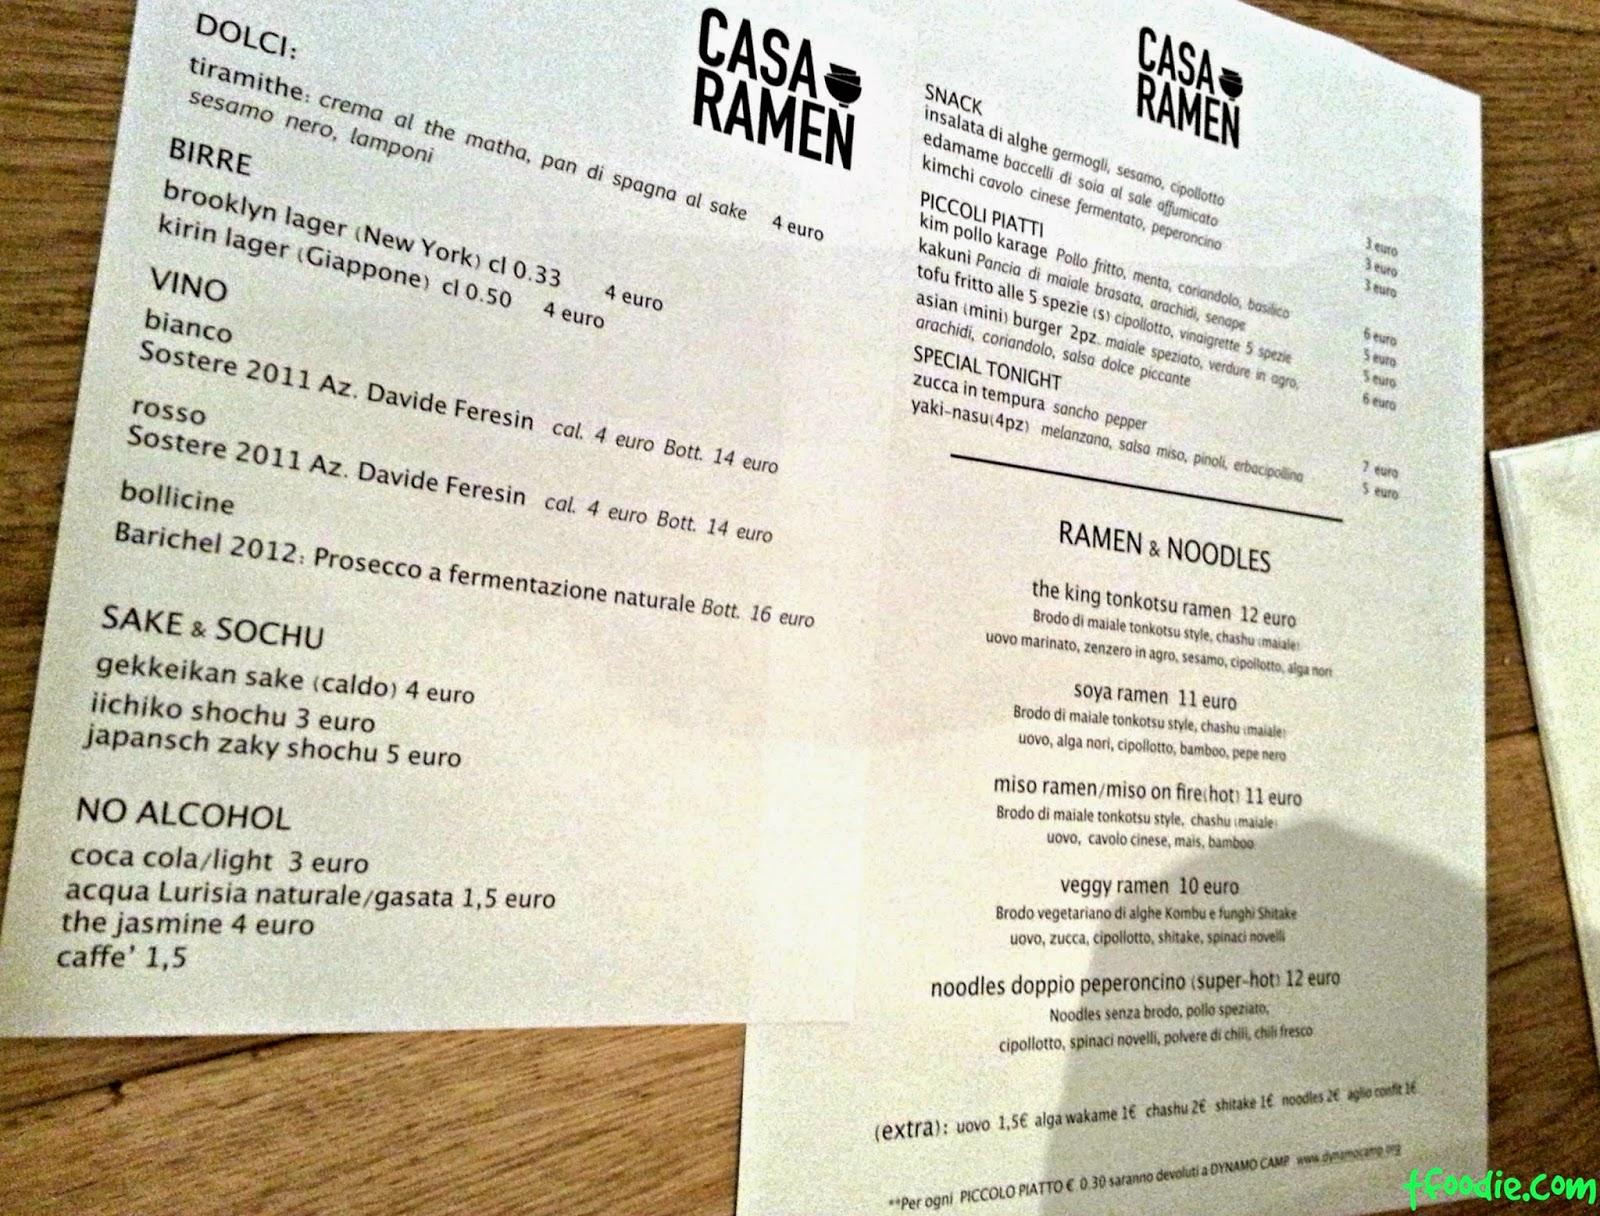 The traveling foodie Casa Ramen Milan